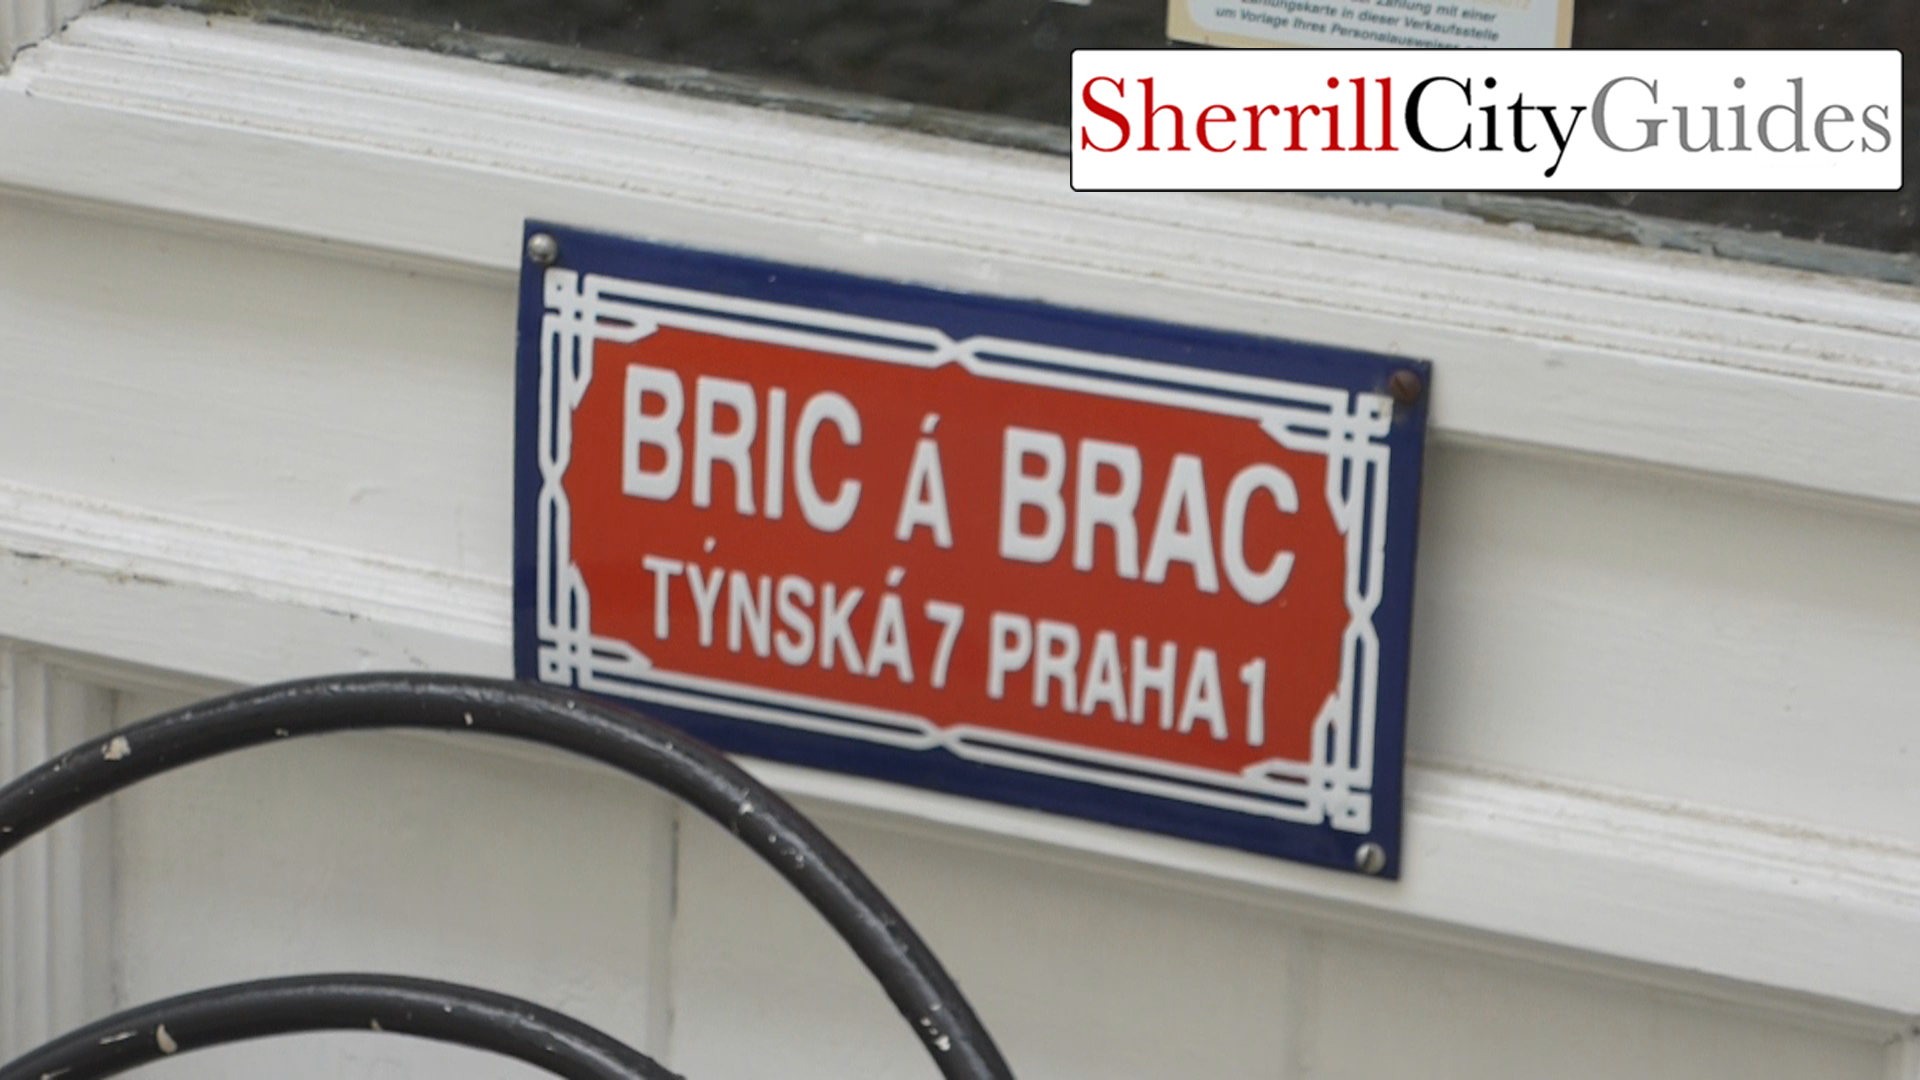 Bric a Brac